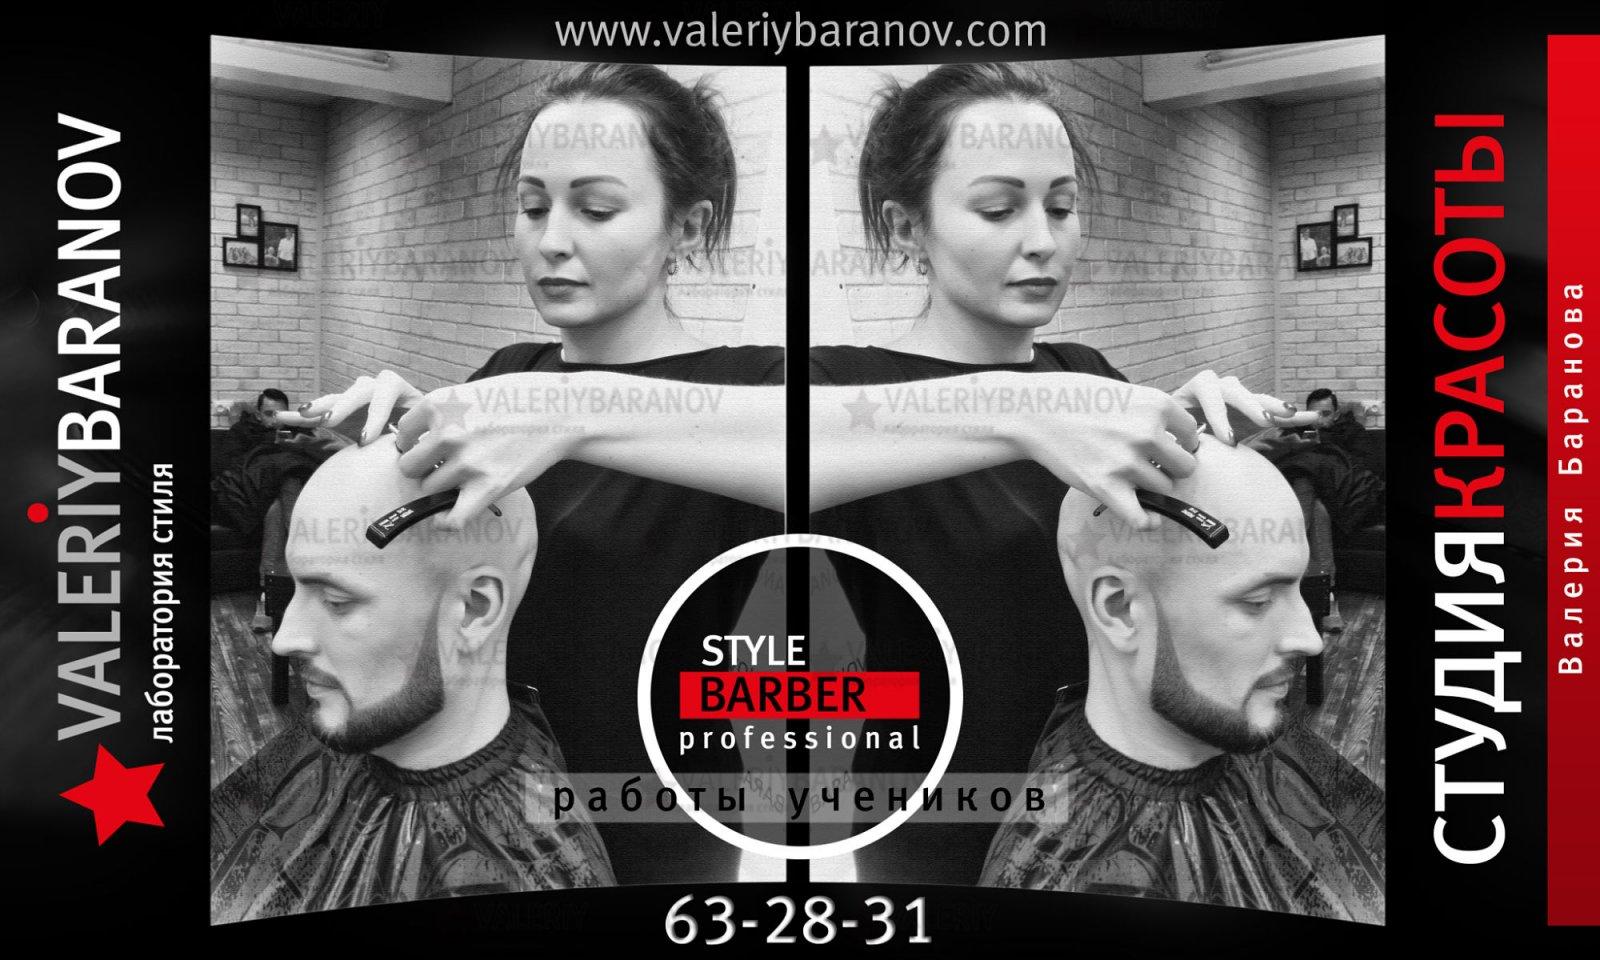 Лаборатория стиля Валерия Баранова: курсы барберов в Тольятти